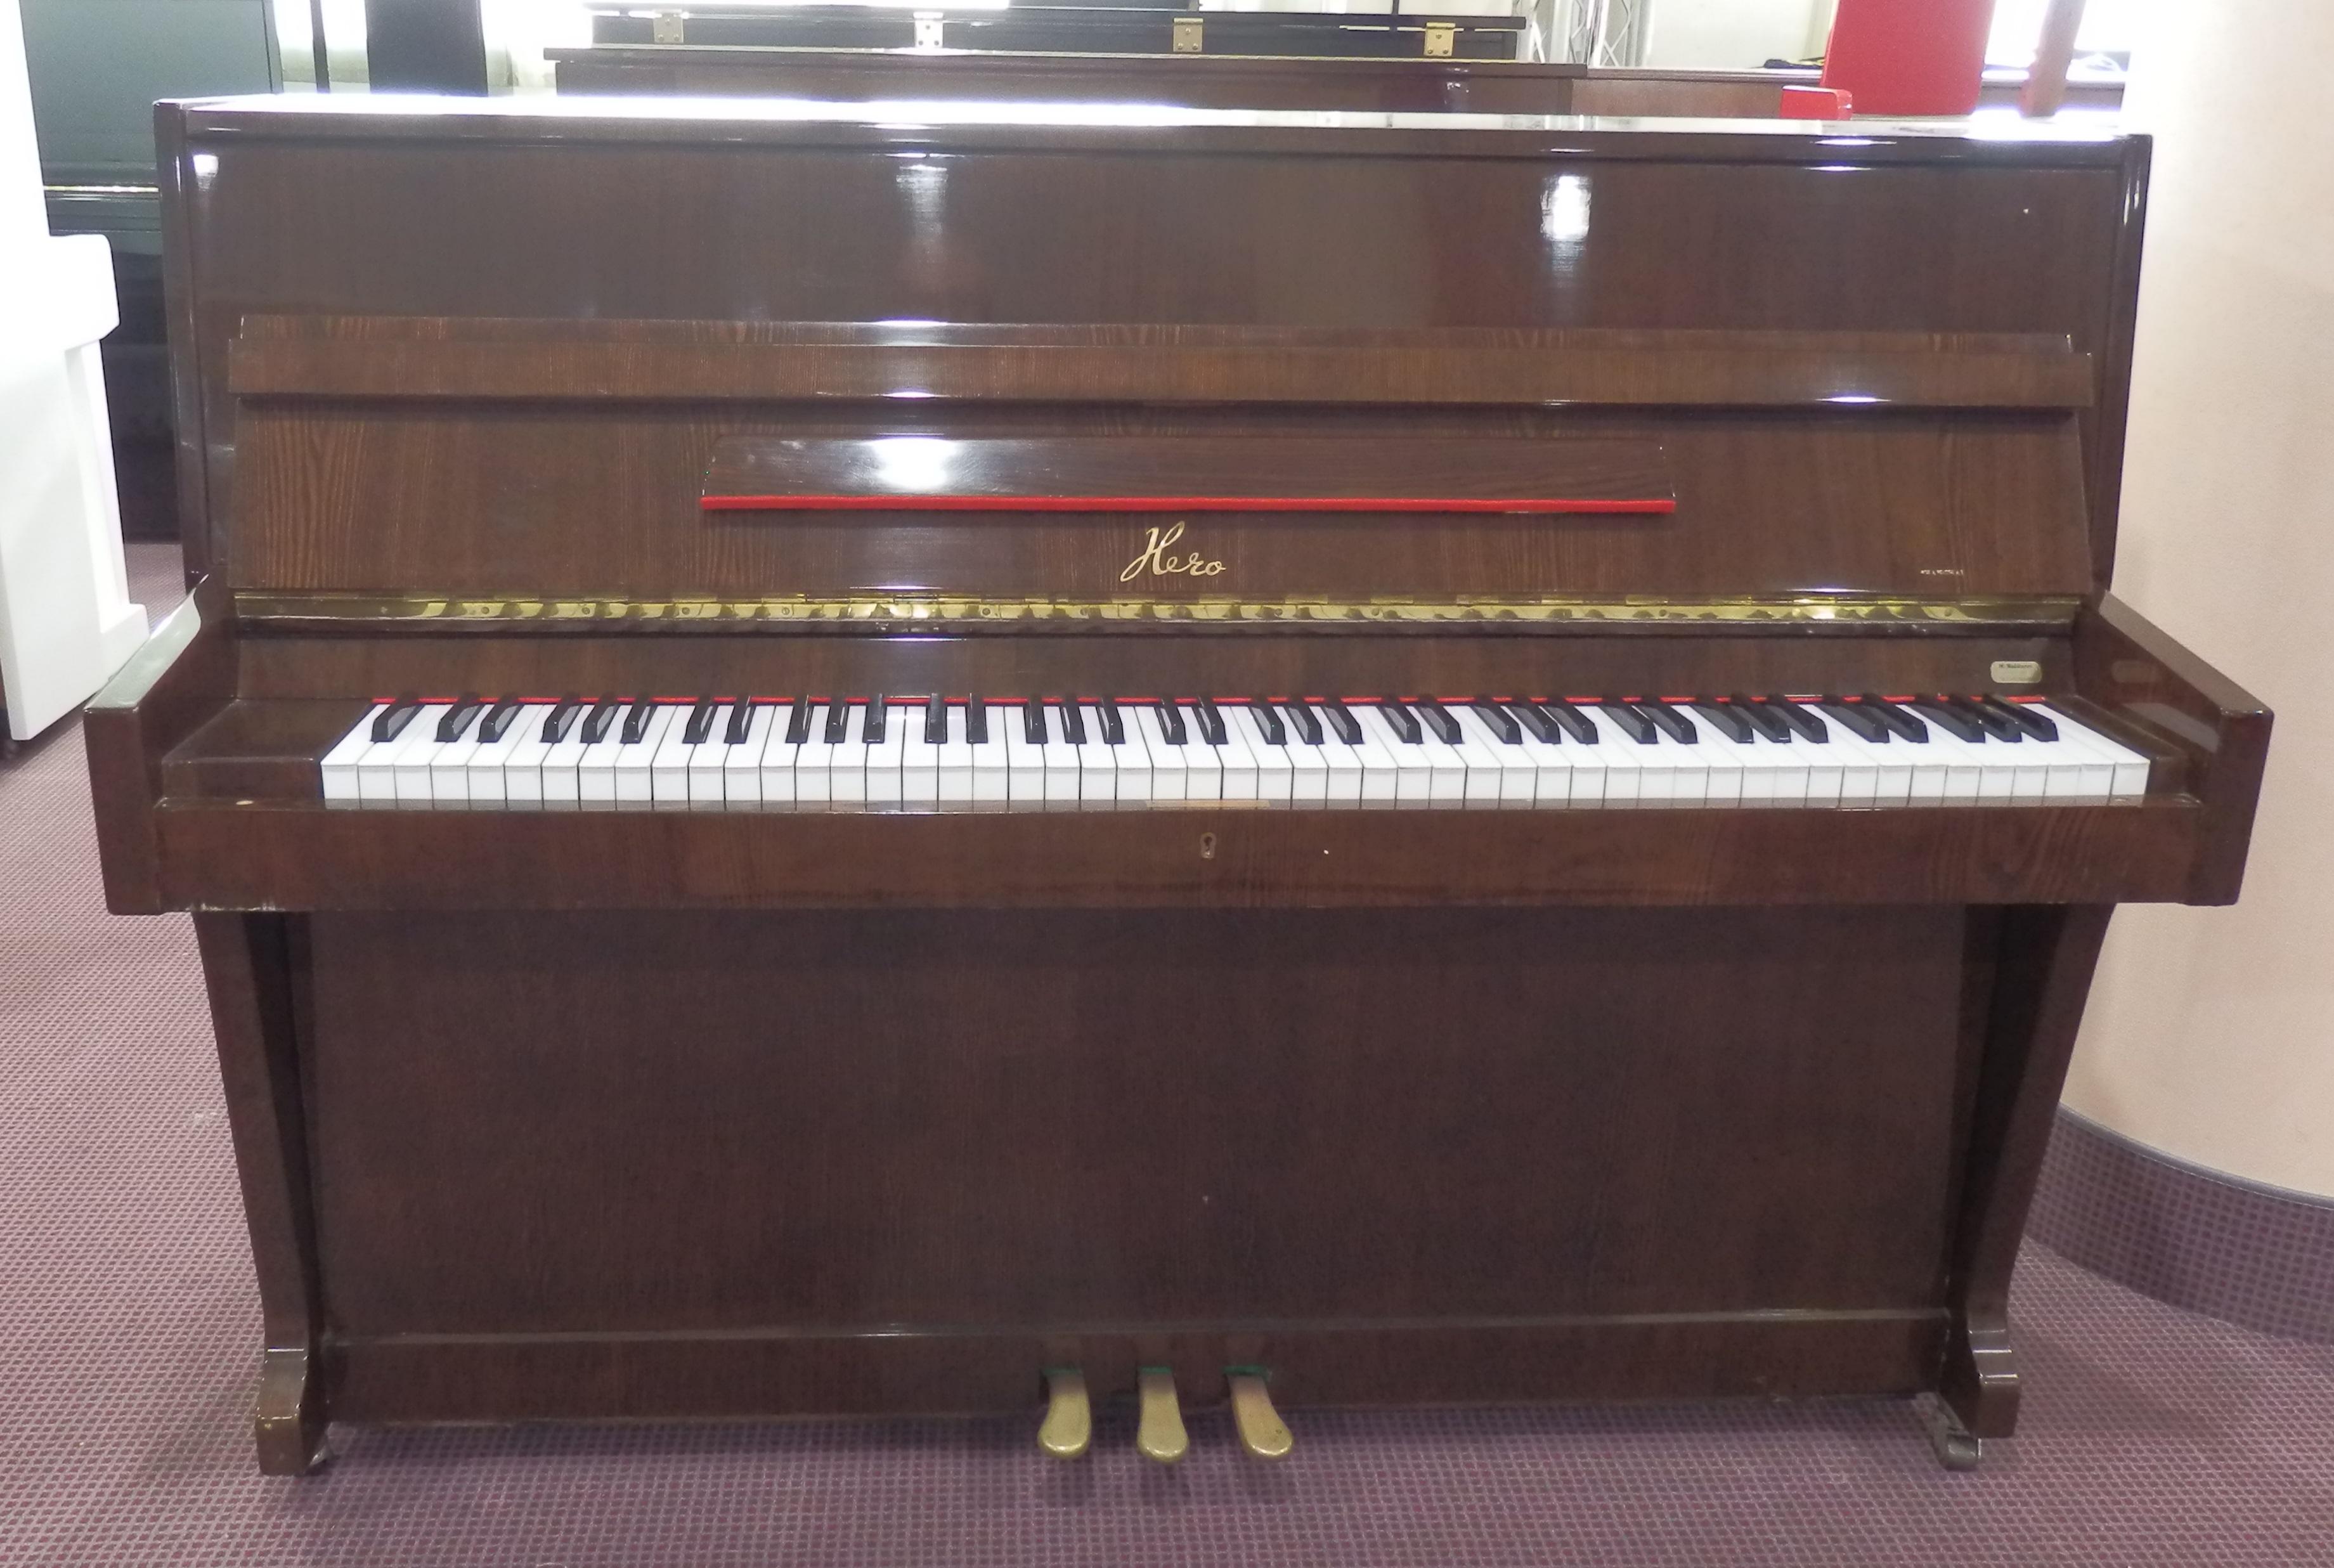 Sgabello Usato Per Pianoforte : Hero pianoforte noce 108 usato strumenti musicali marino baldacci